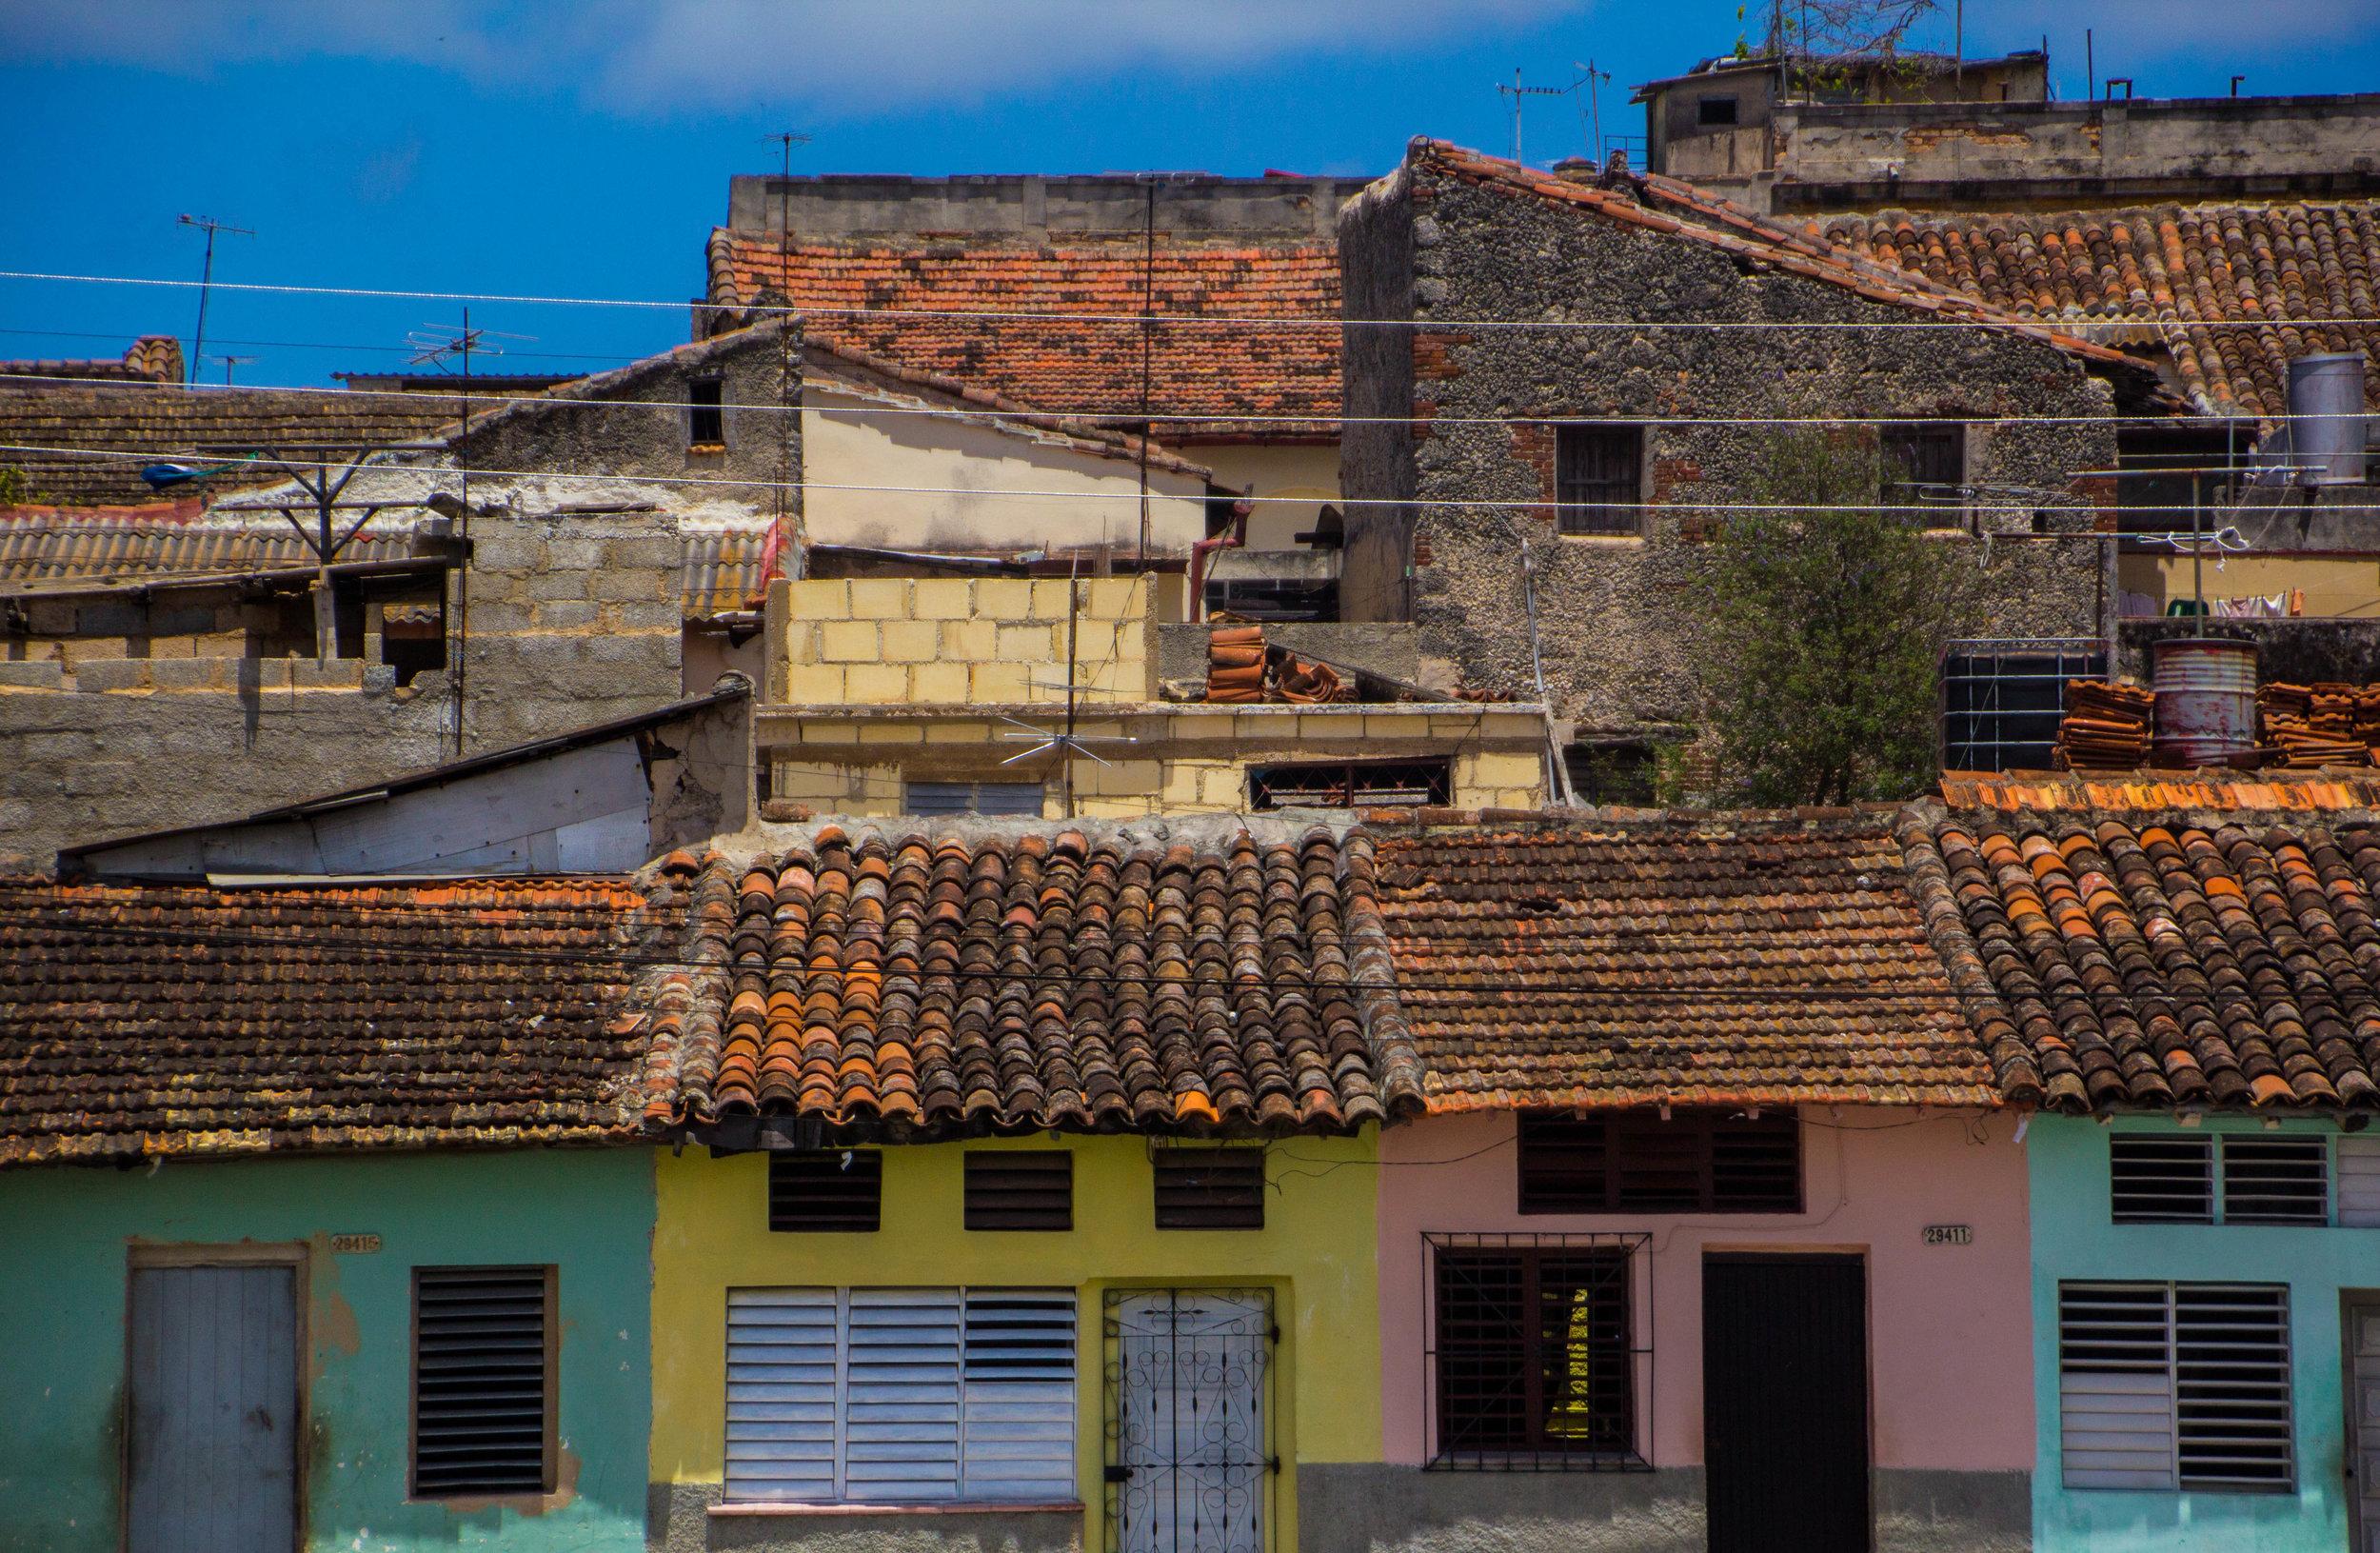 matanzas cuba city buildings-1.jpg